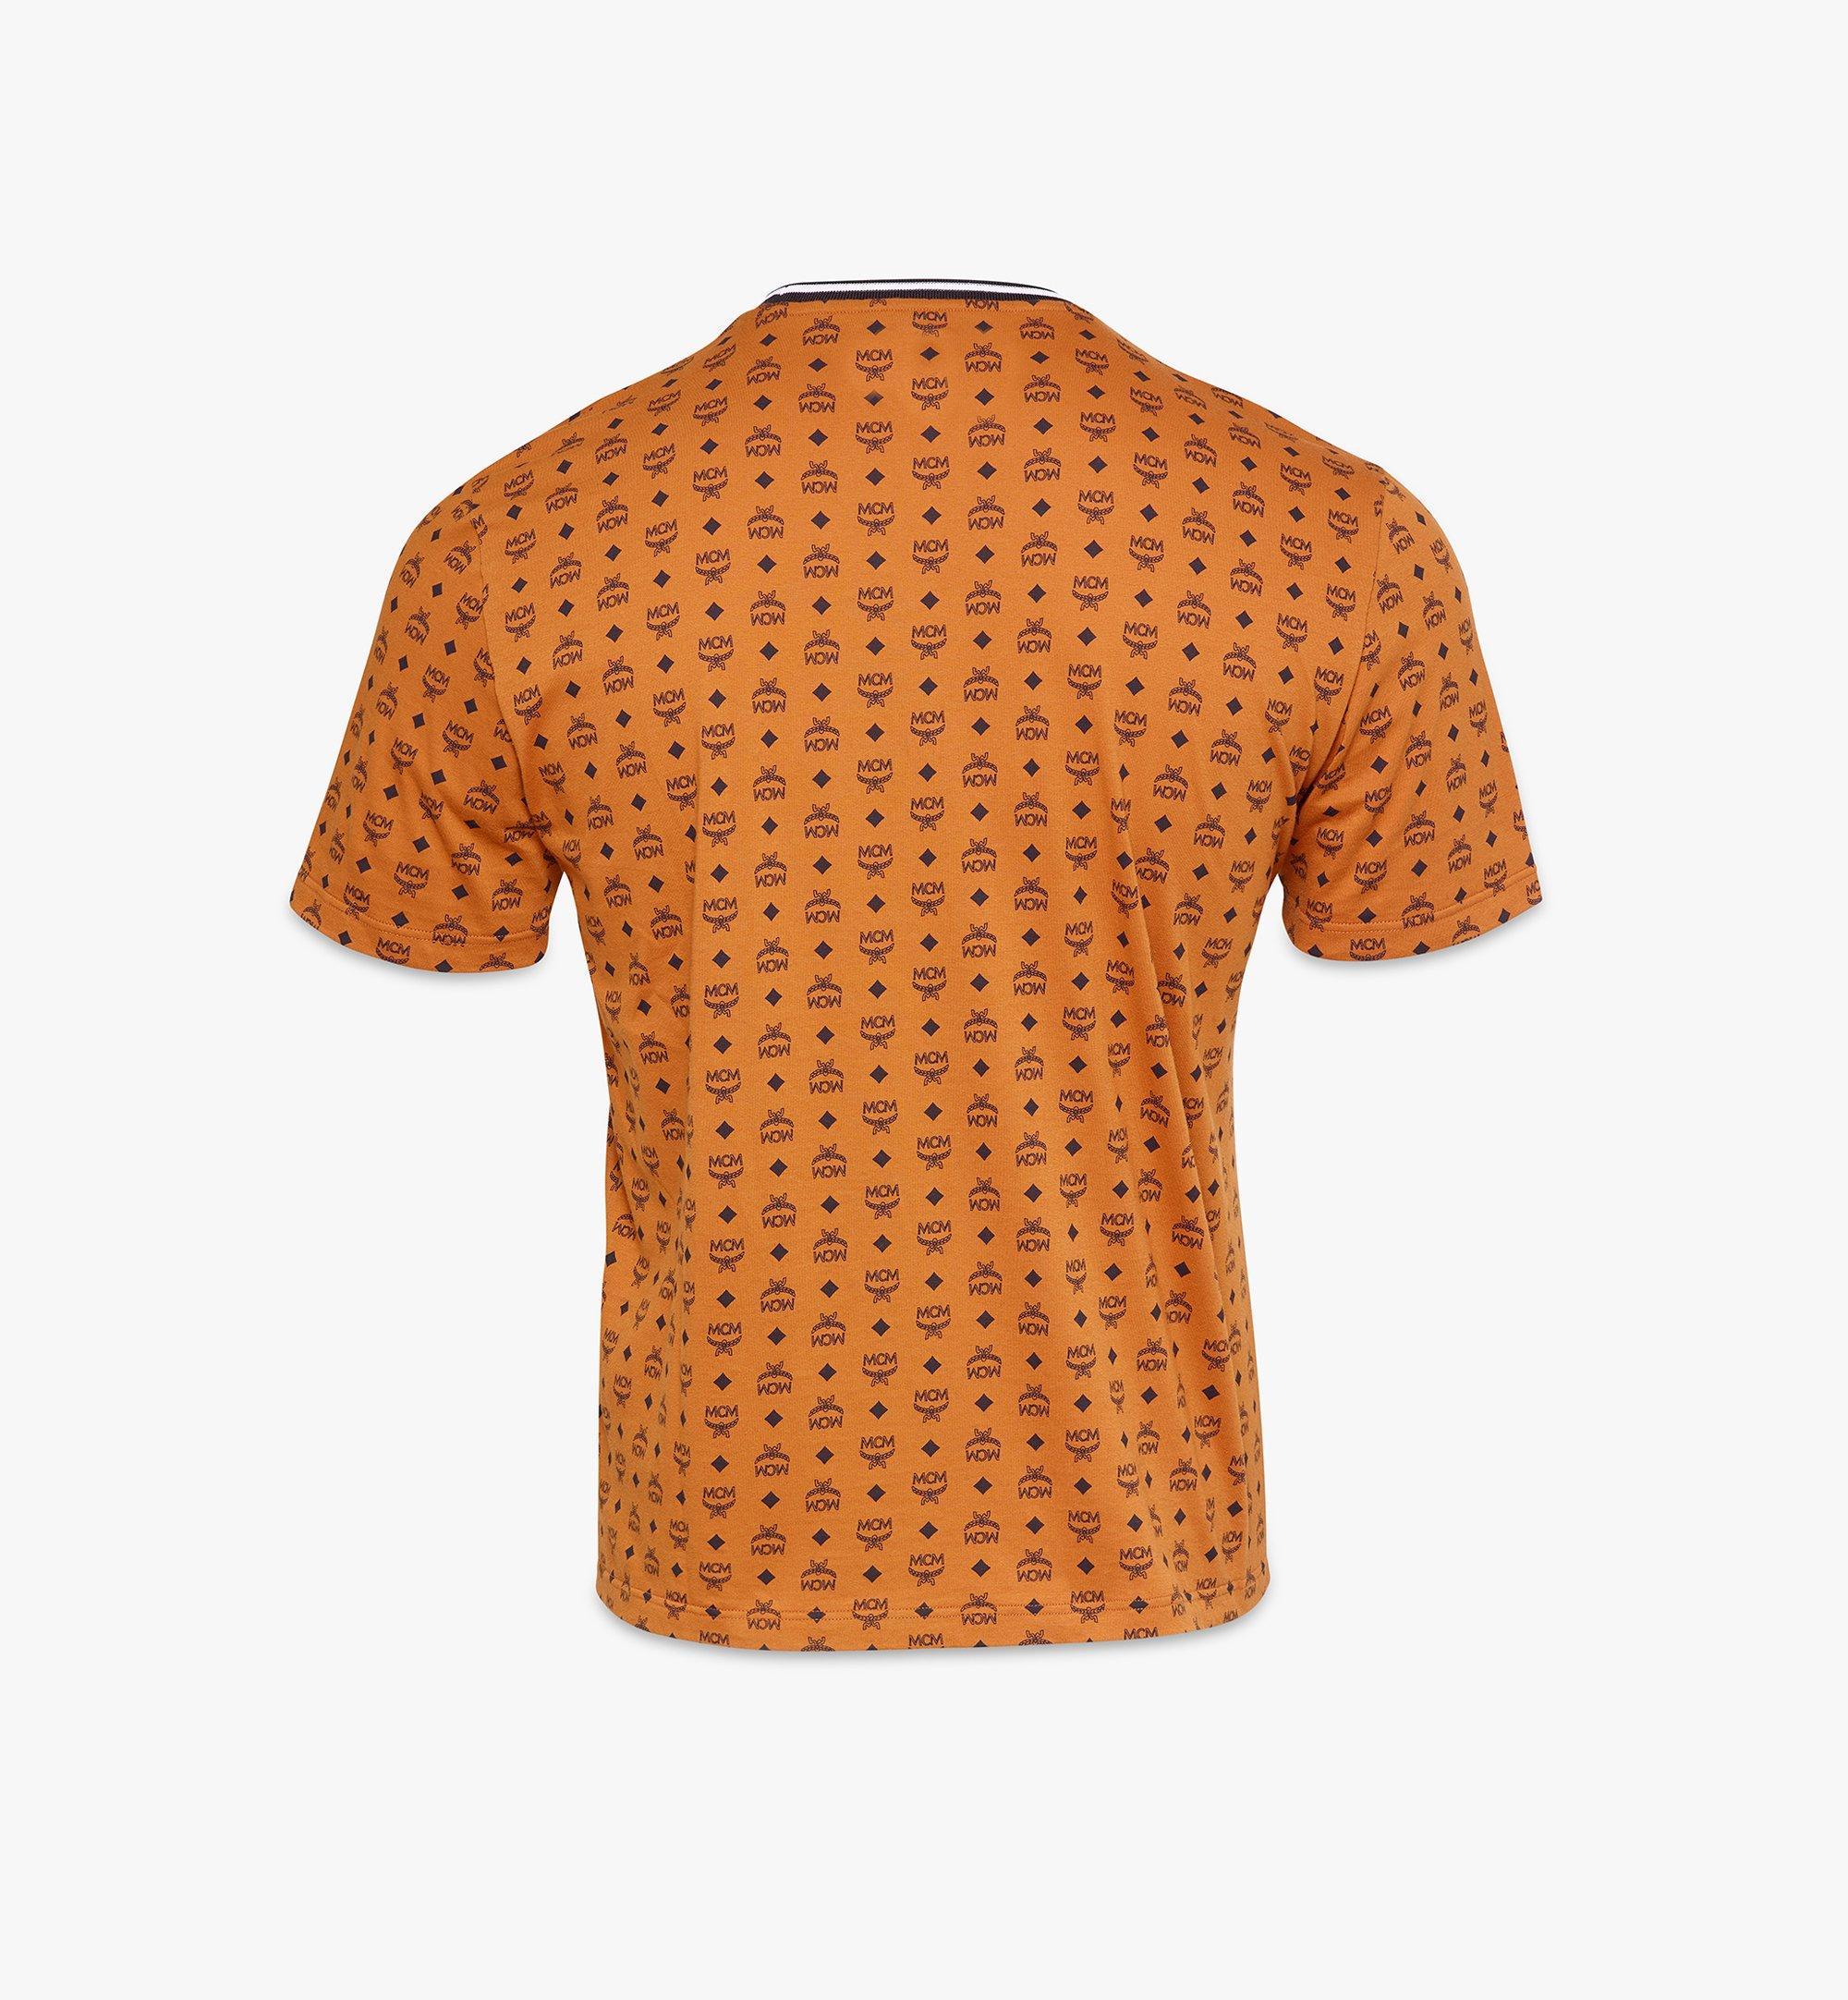 MCM 男士Visetos印花T恤 Cognac MHTAAMM05CO00L 更多视角 1